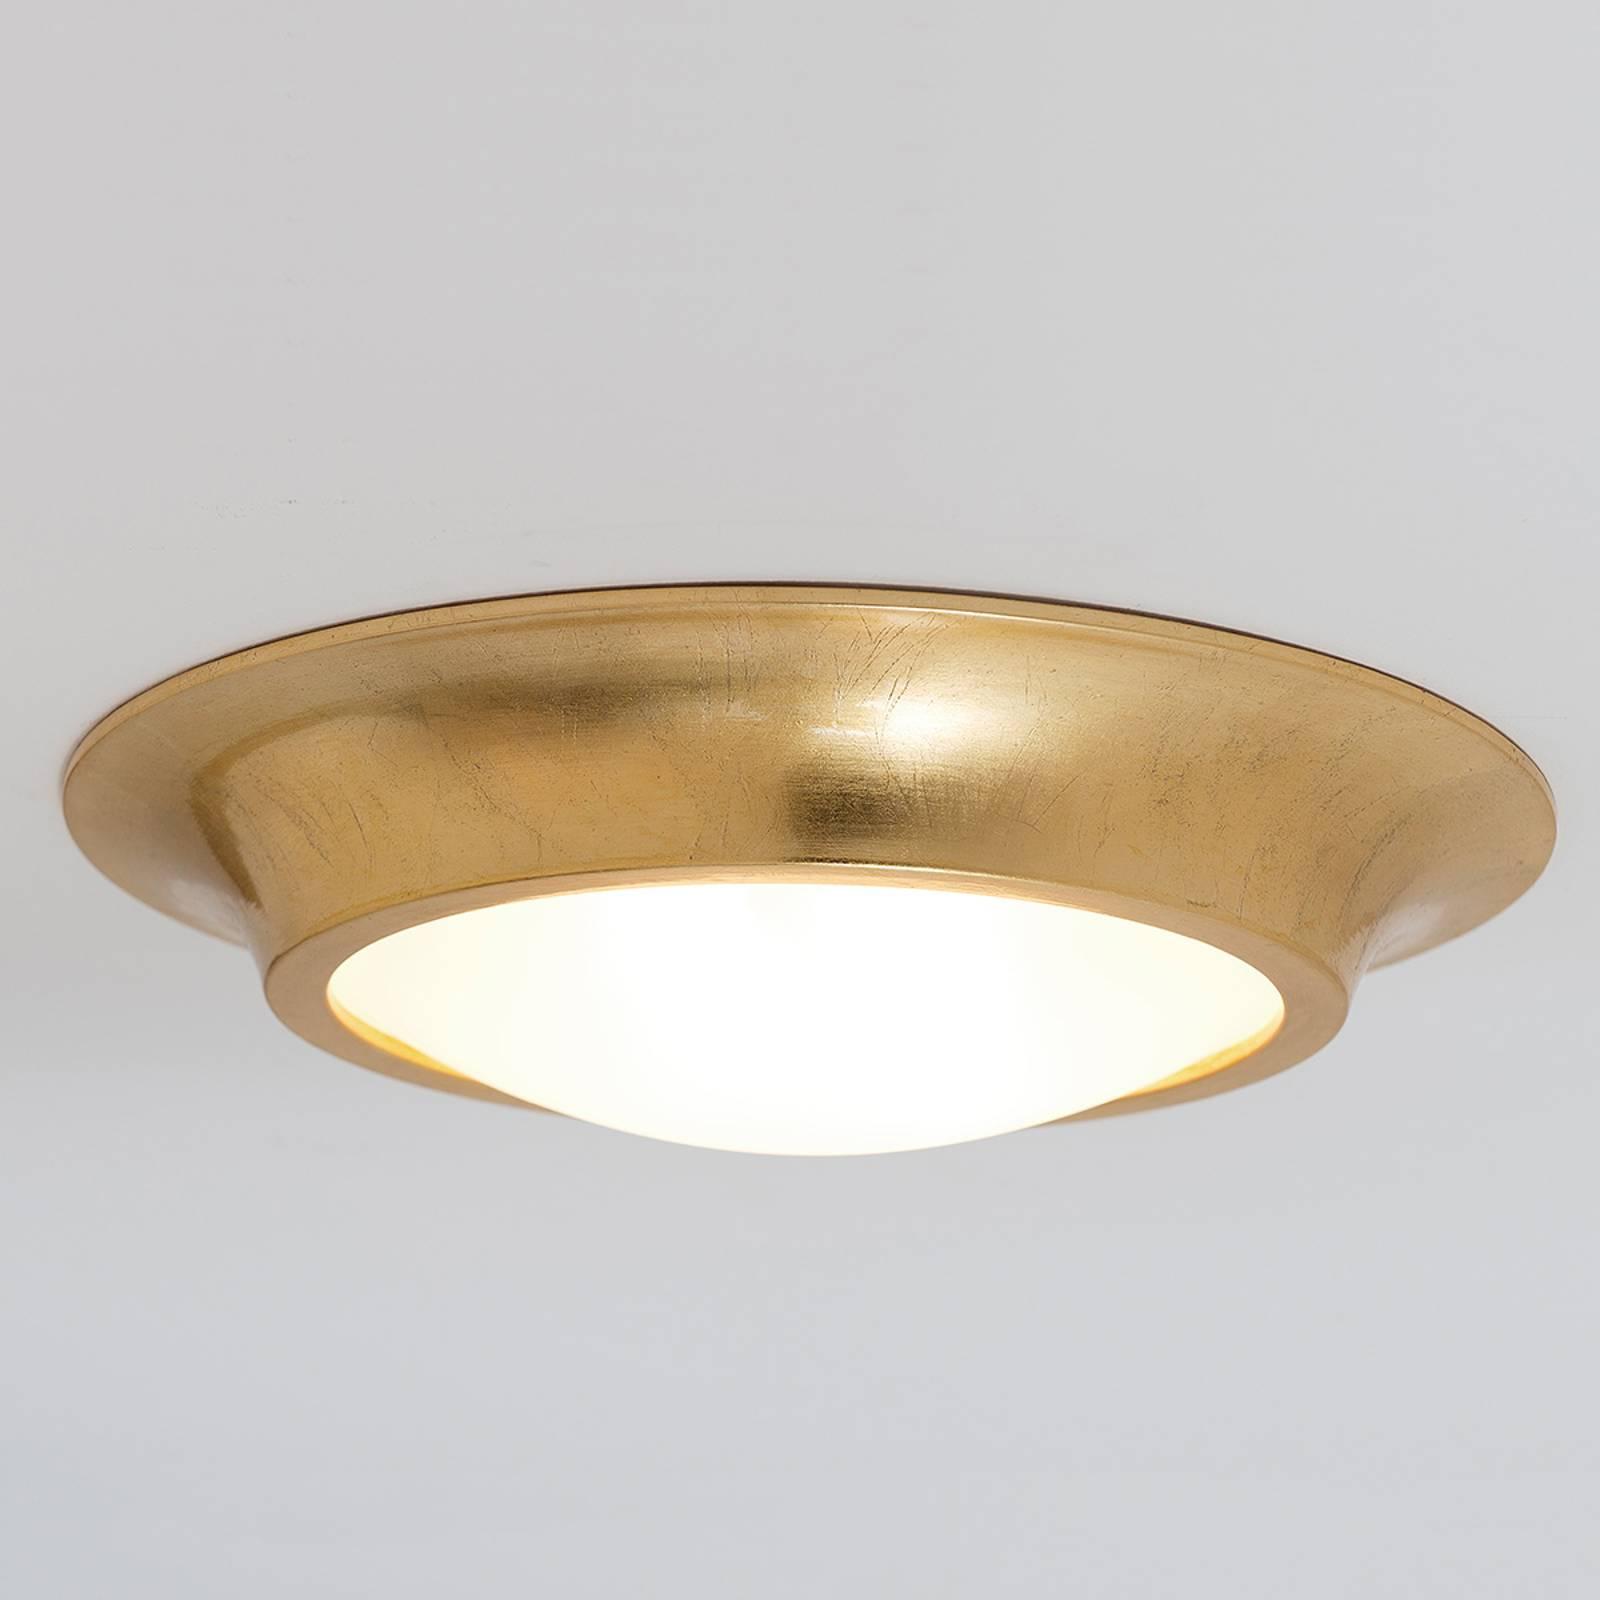 Złota, ceramiczna lampa sufitowa Spettacolo